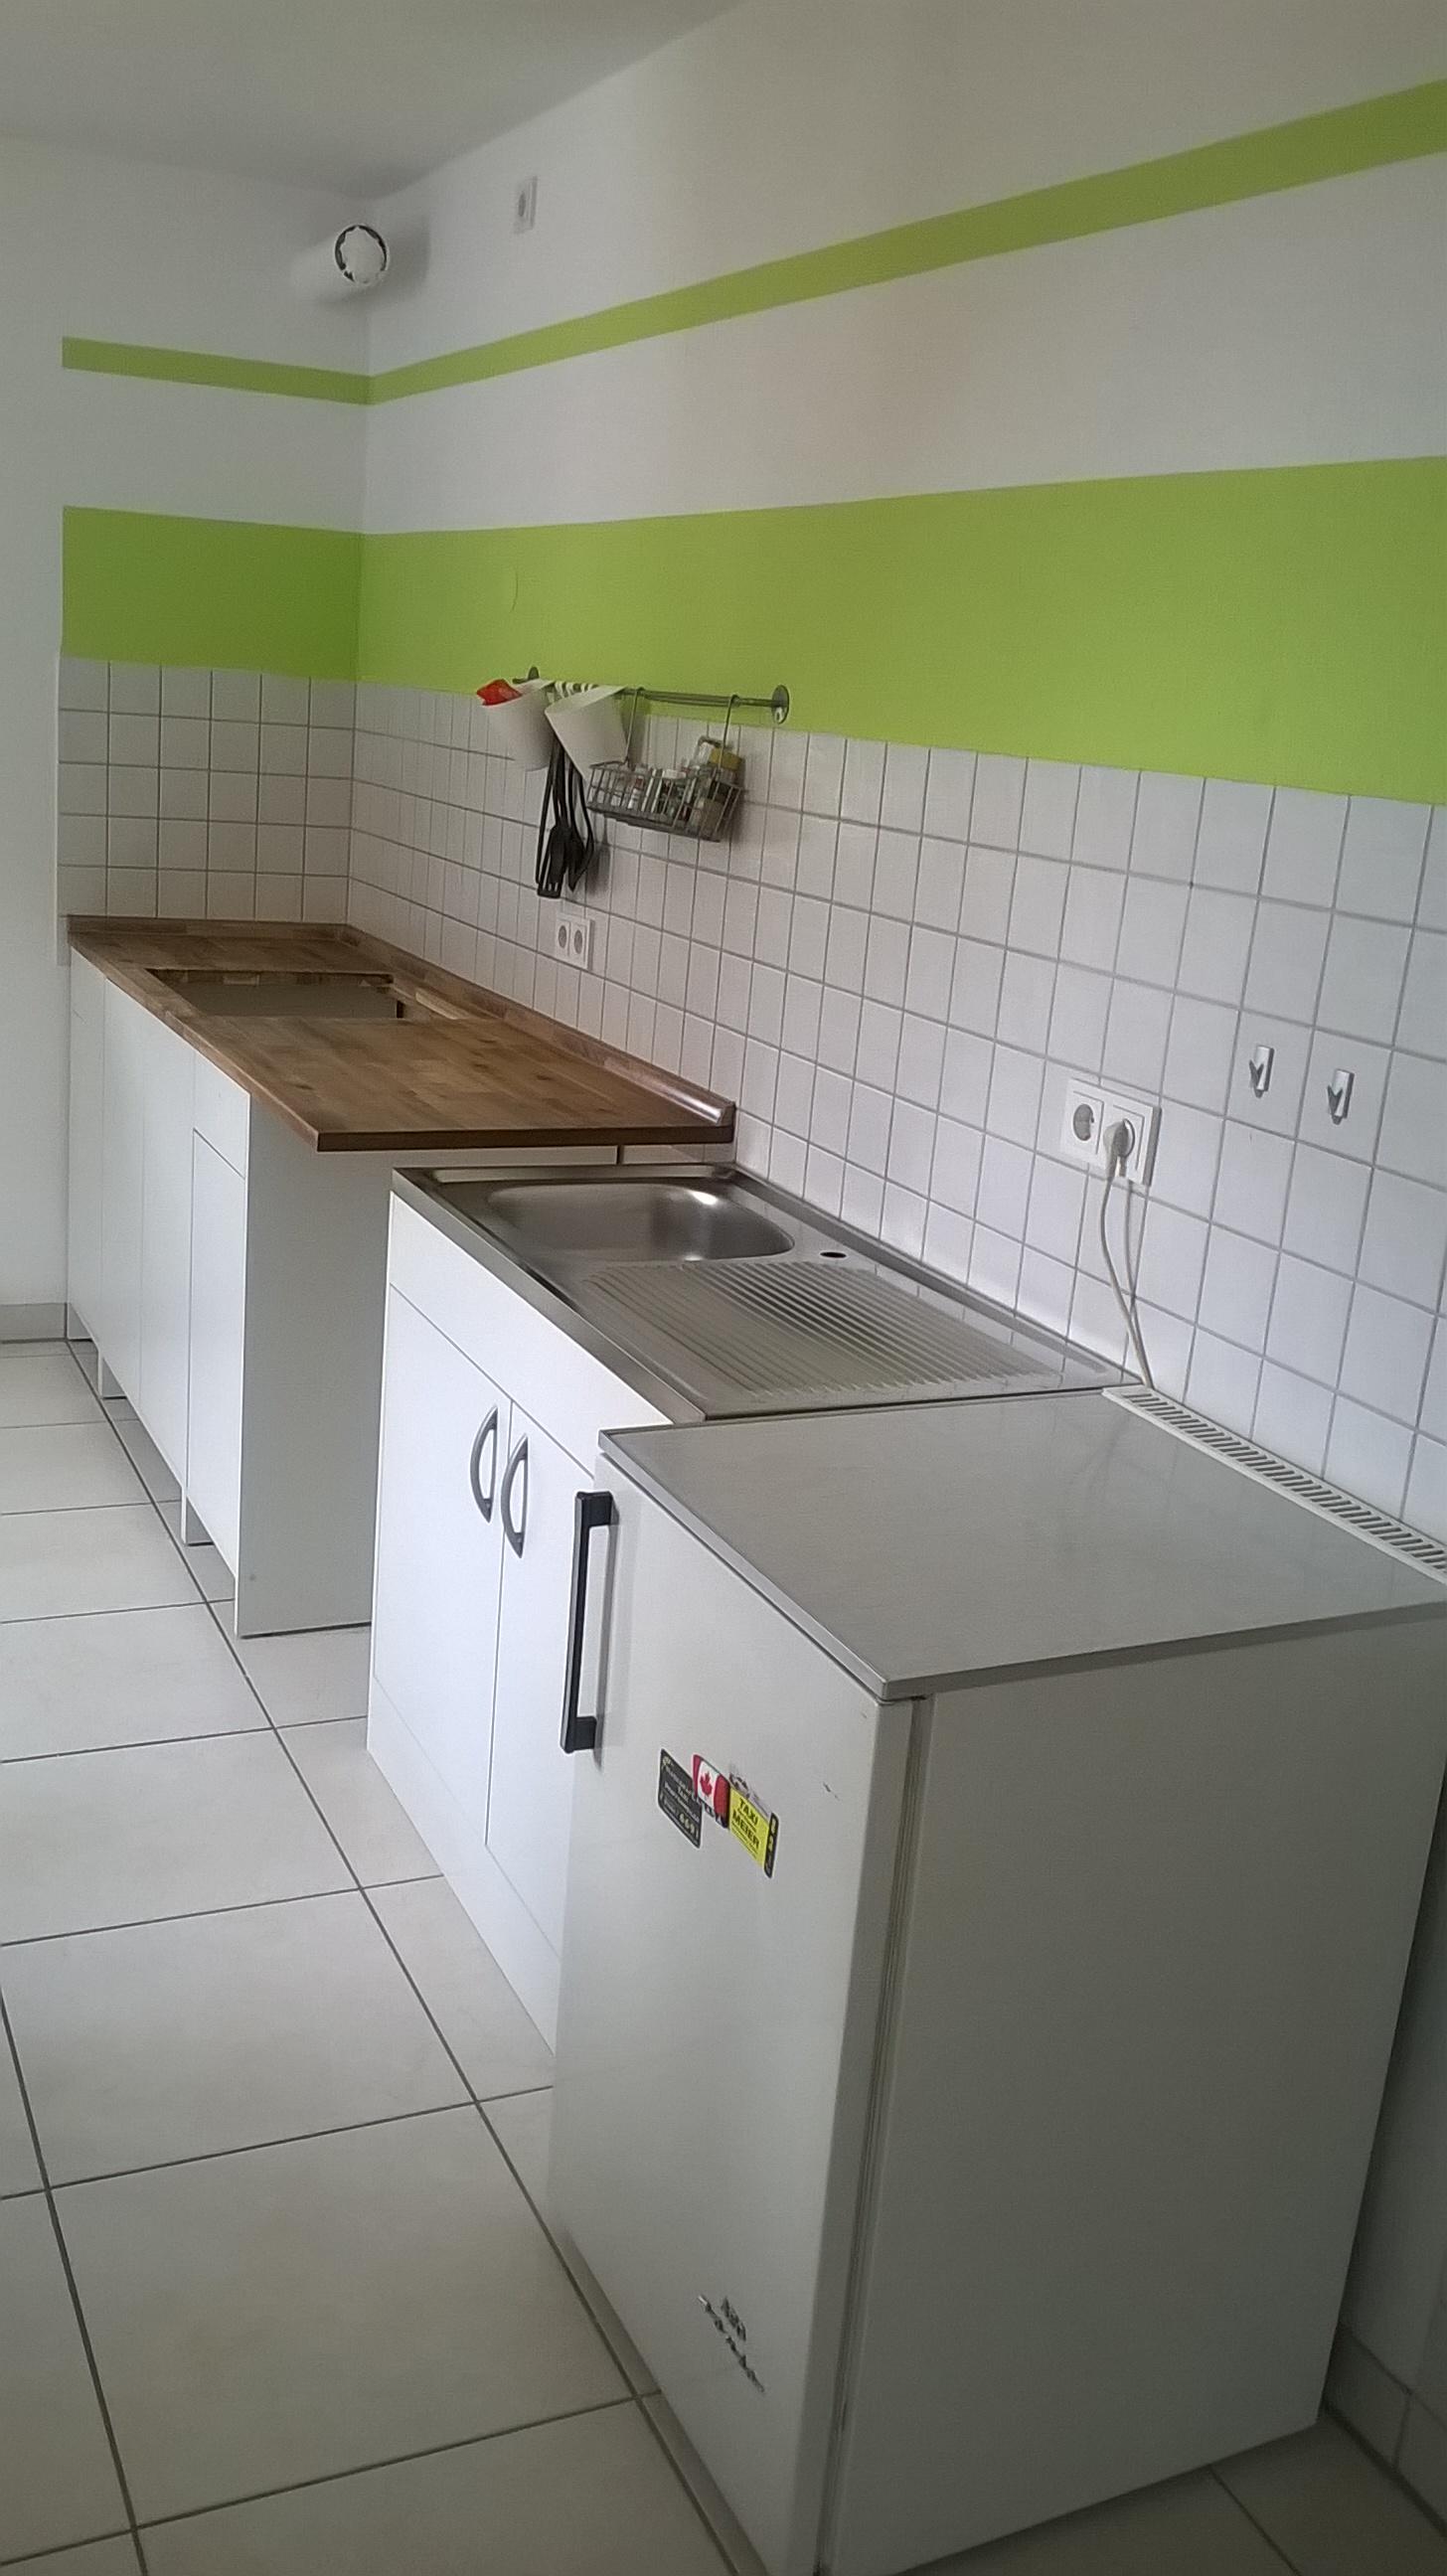 Küchenzeile/Spülbecken und Kühlschrank